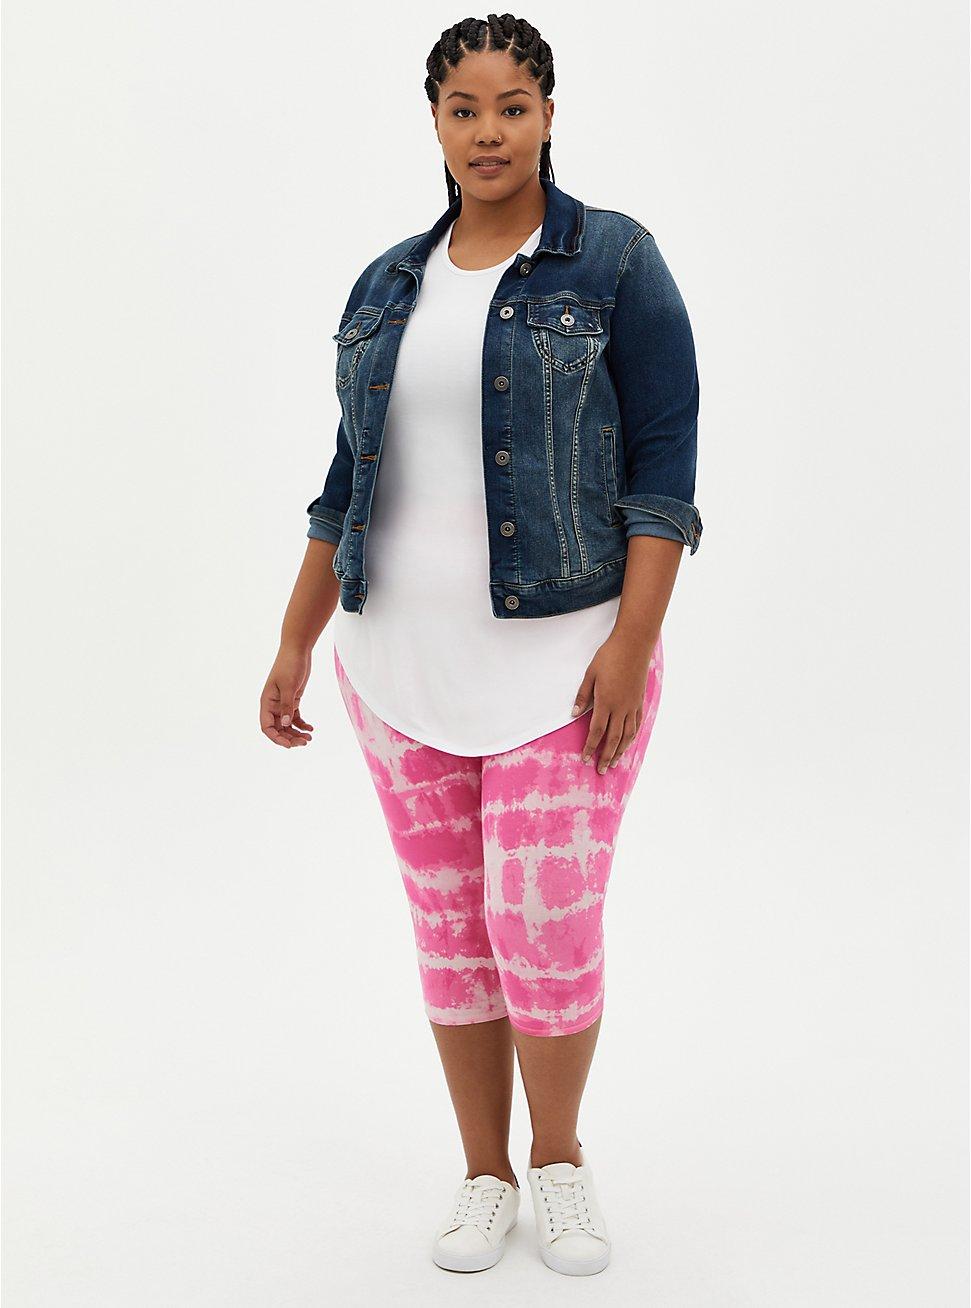 Pedal Pusher Premium Legging - Tie Dye Pink, PINK, hi-res